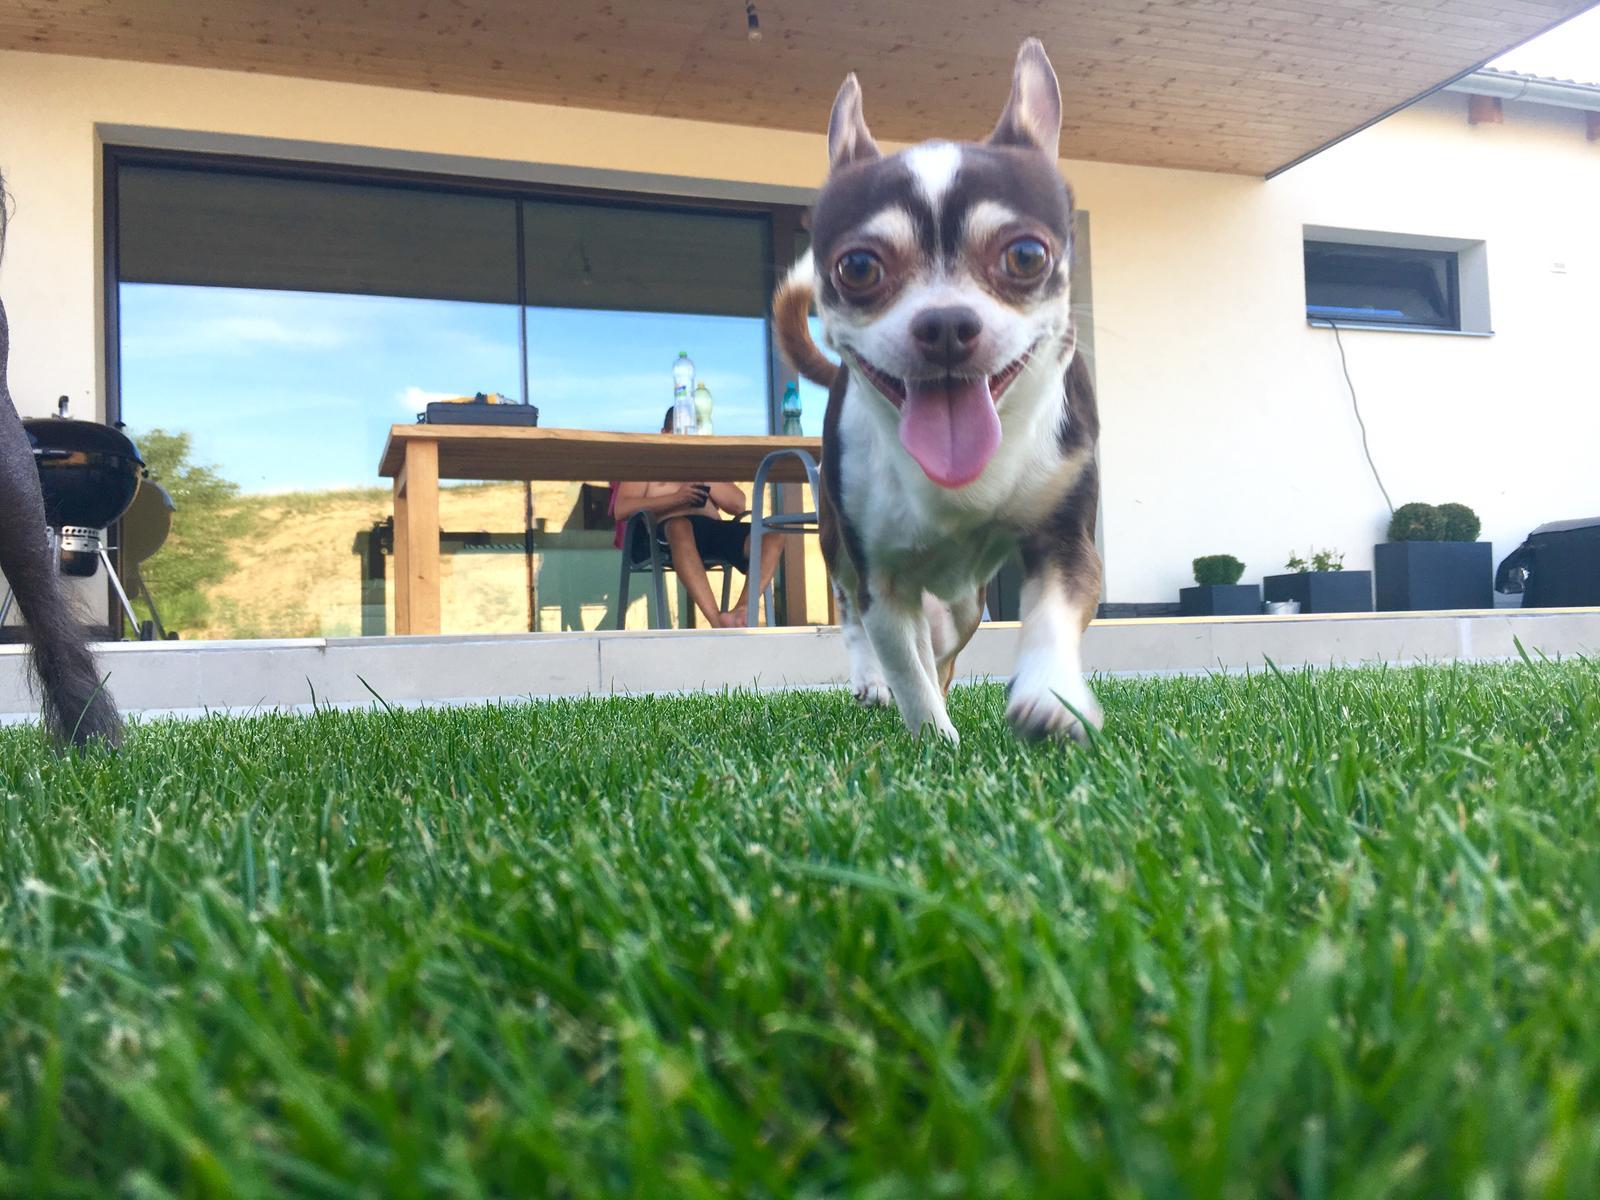 Exteriér domu snů - Lucky tu trávu prostě miluje a já miluju jeho :-D